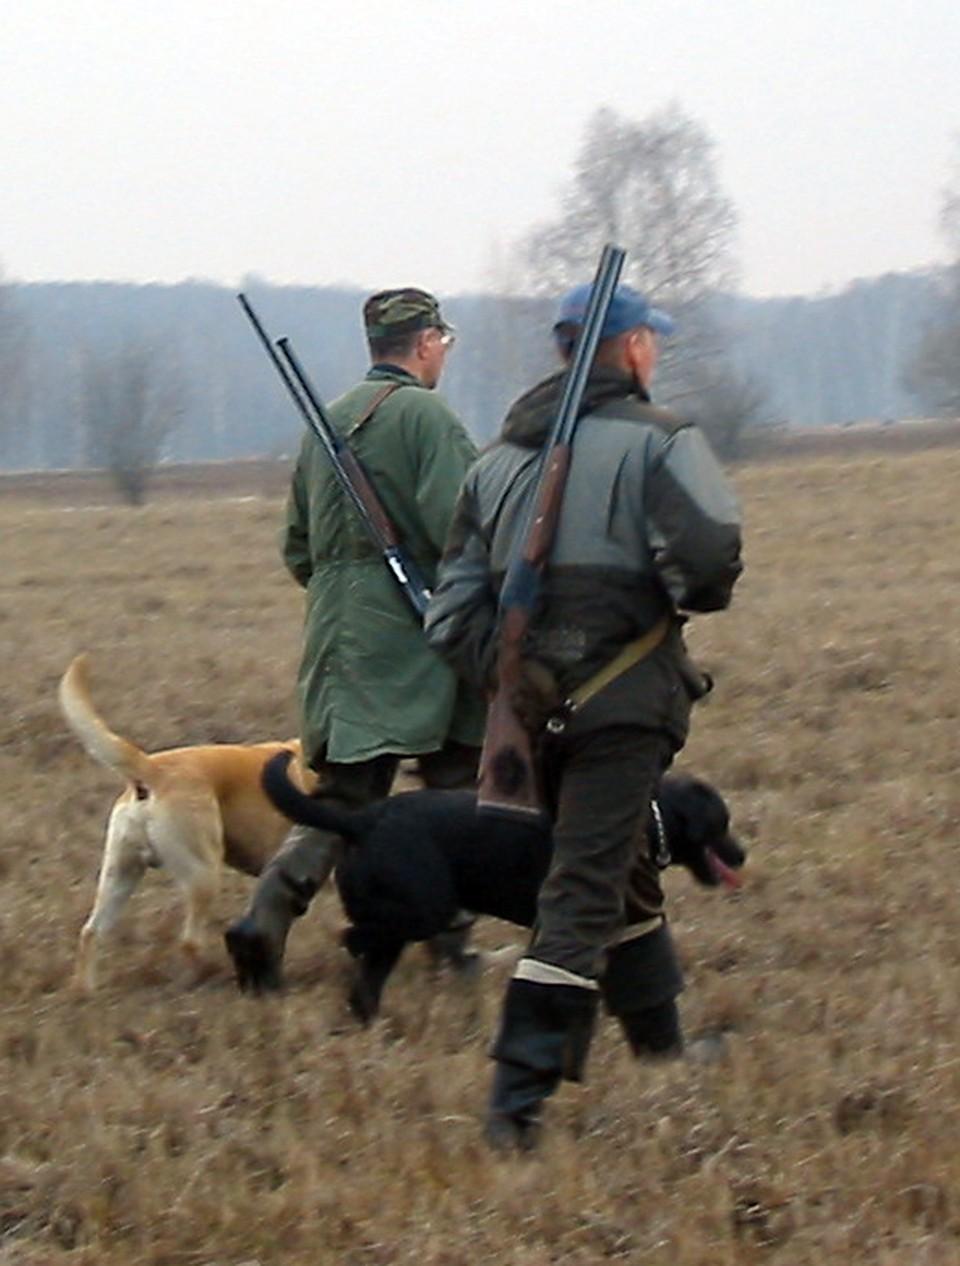 Ружья охотникам придется на два месяца убрать подальше.